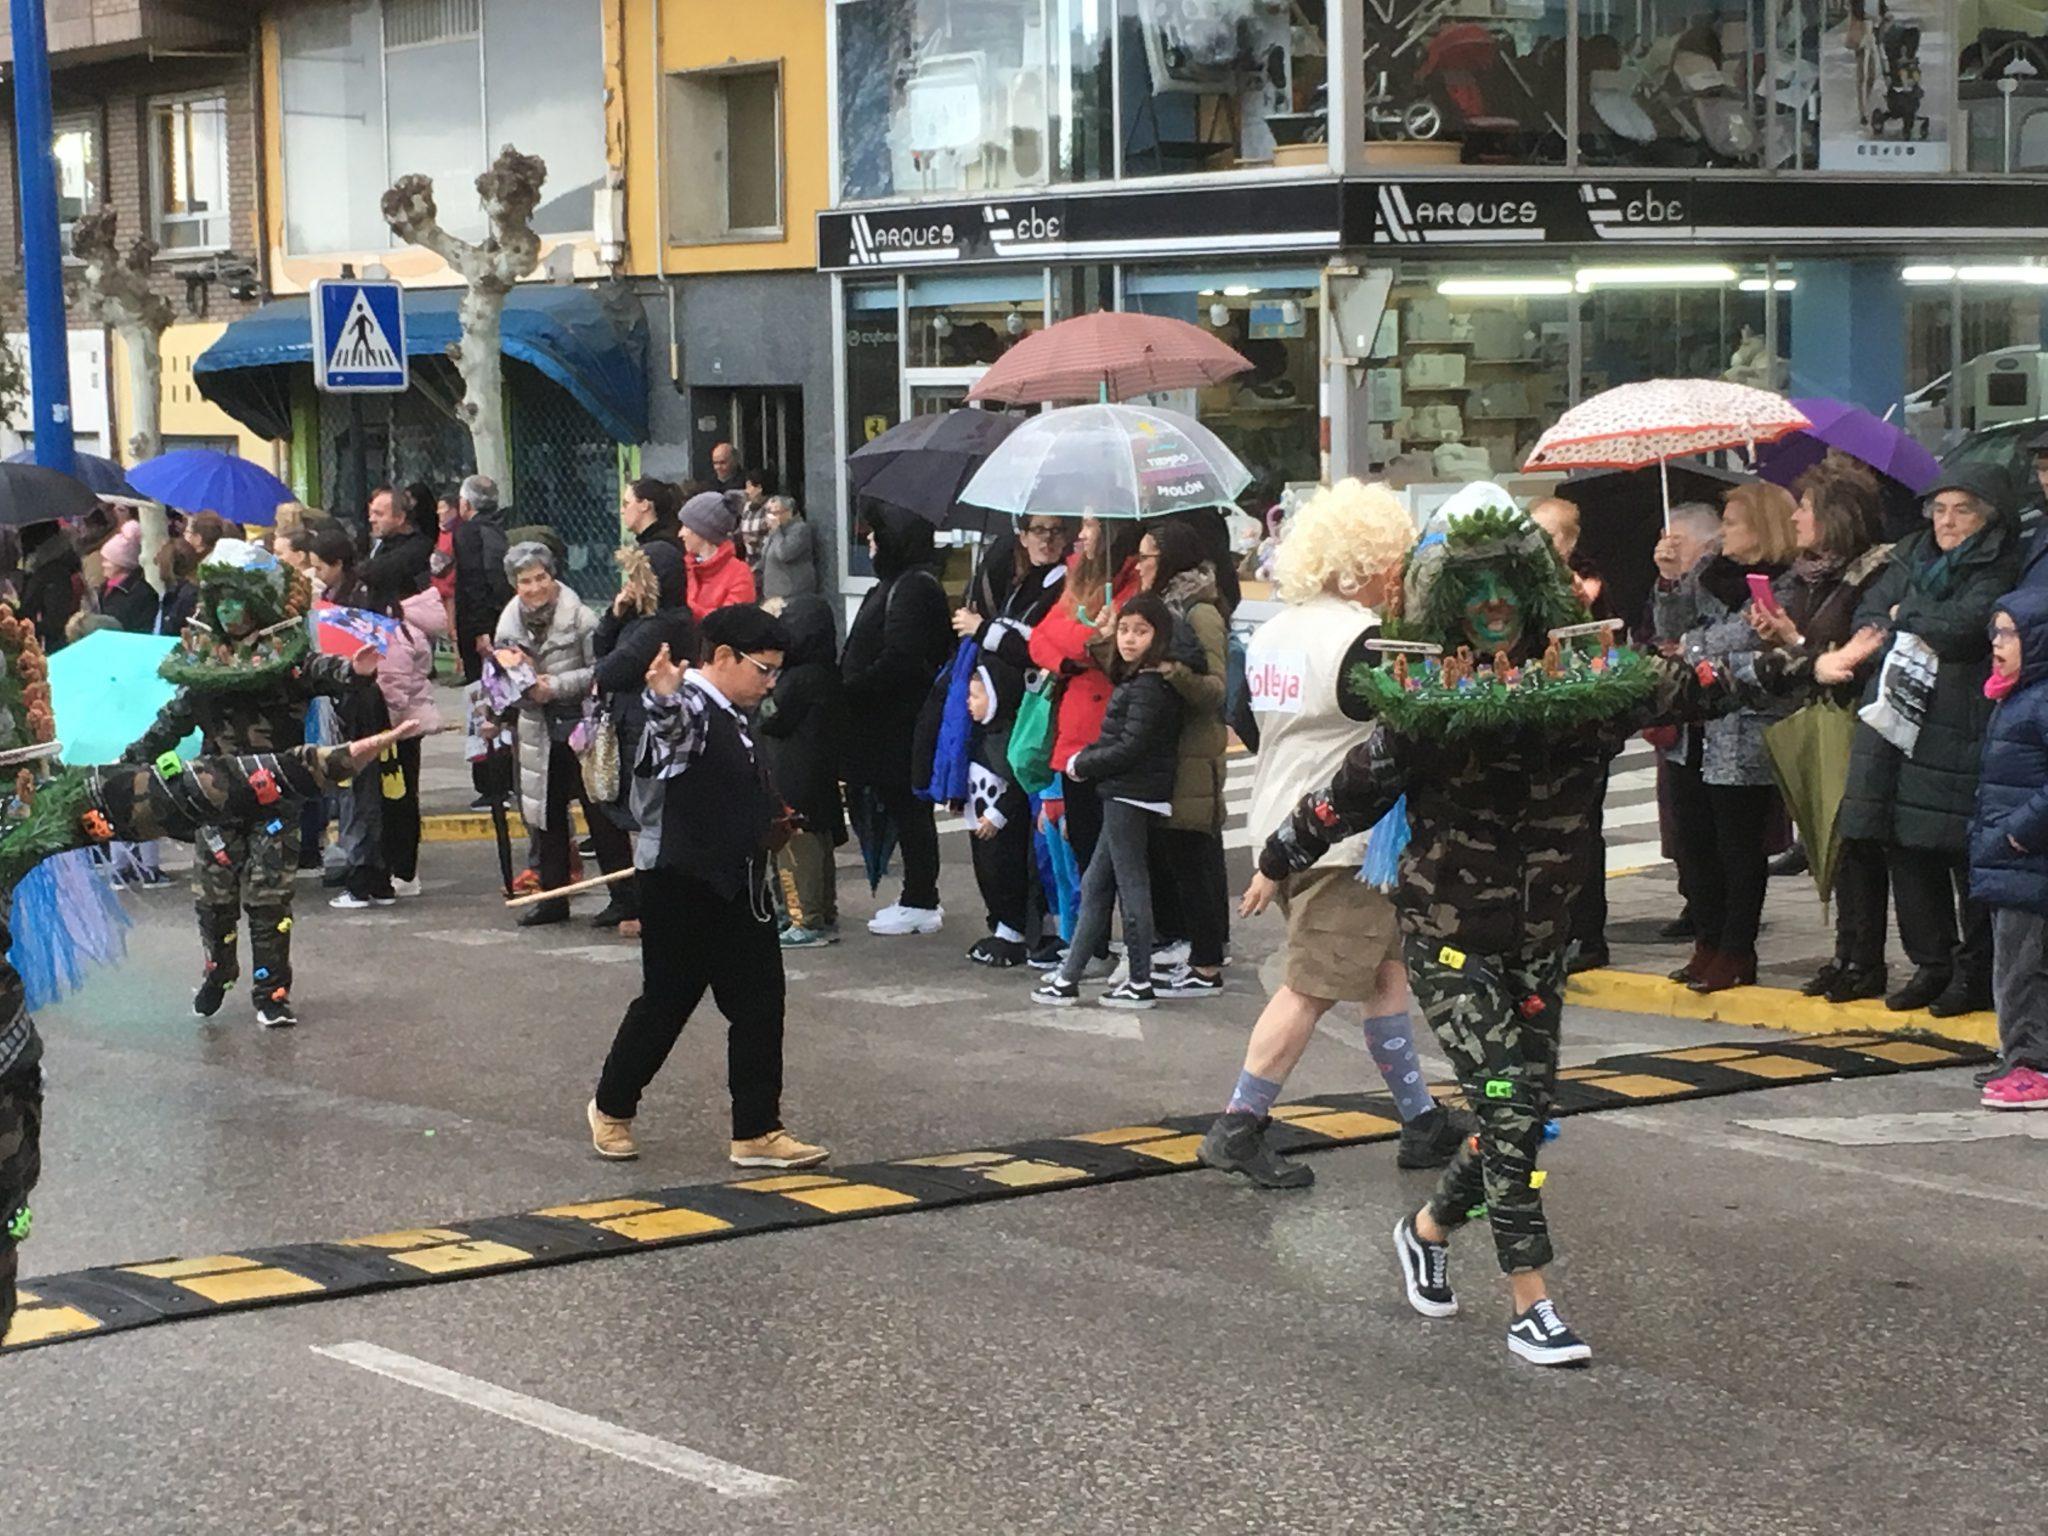 Álbum de fotos del martes de Carnaval 2019 en Ponferrada 4